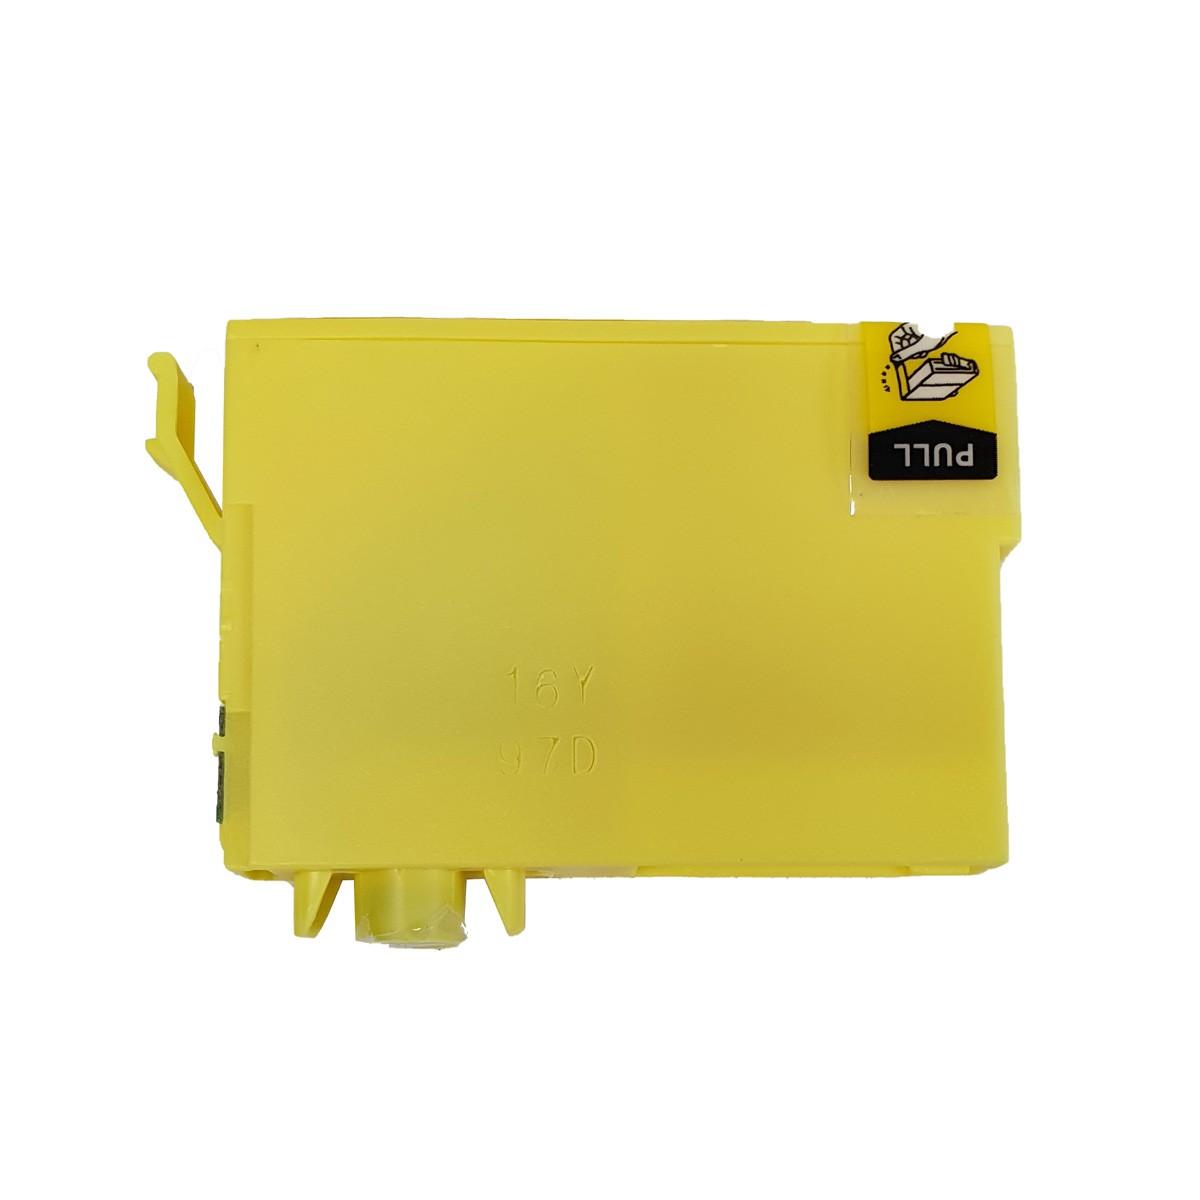 Cartucho MJ Compatível T2964 296 Amarelo para C79 XP-231 241 431 441 da EPSON